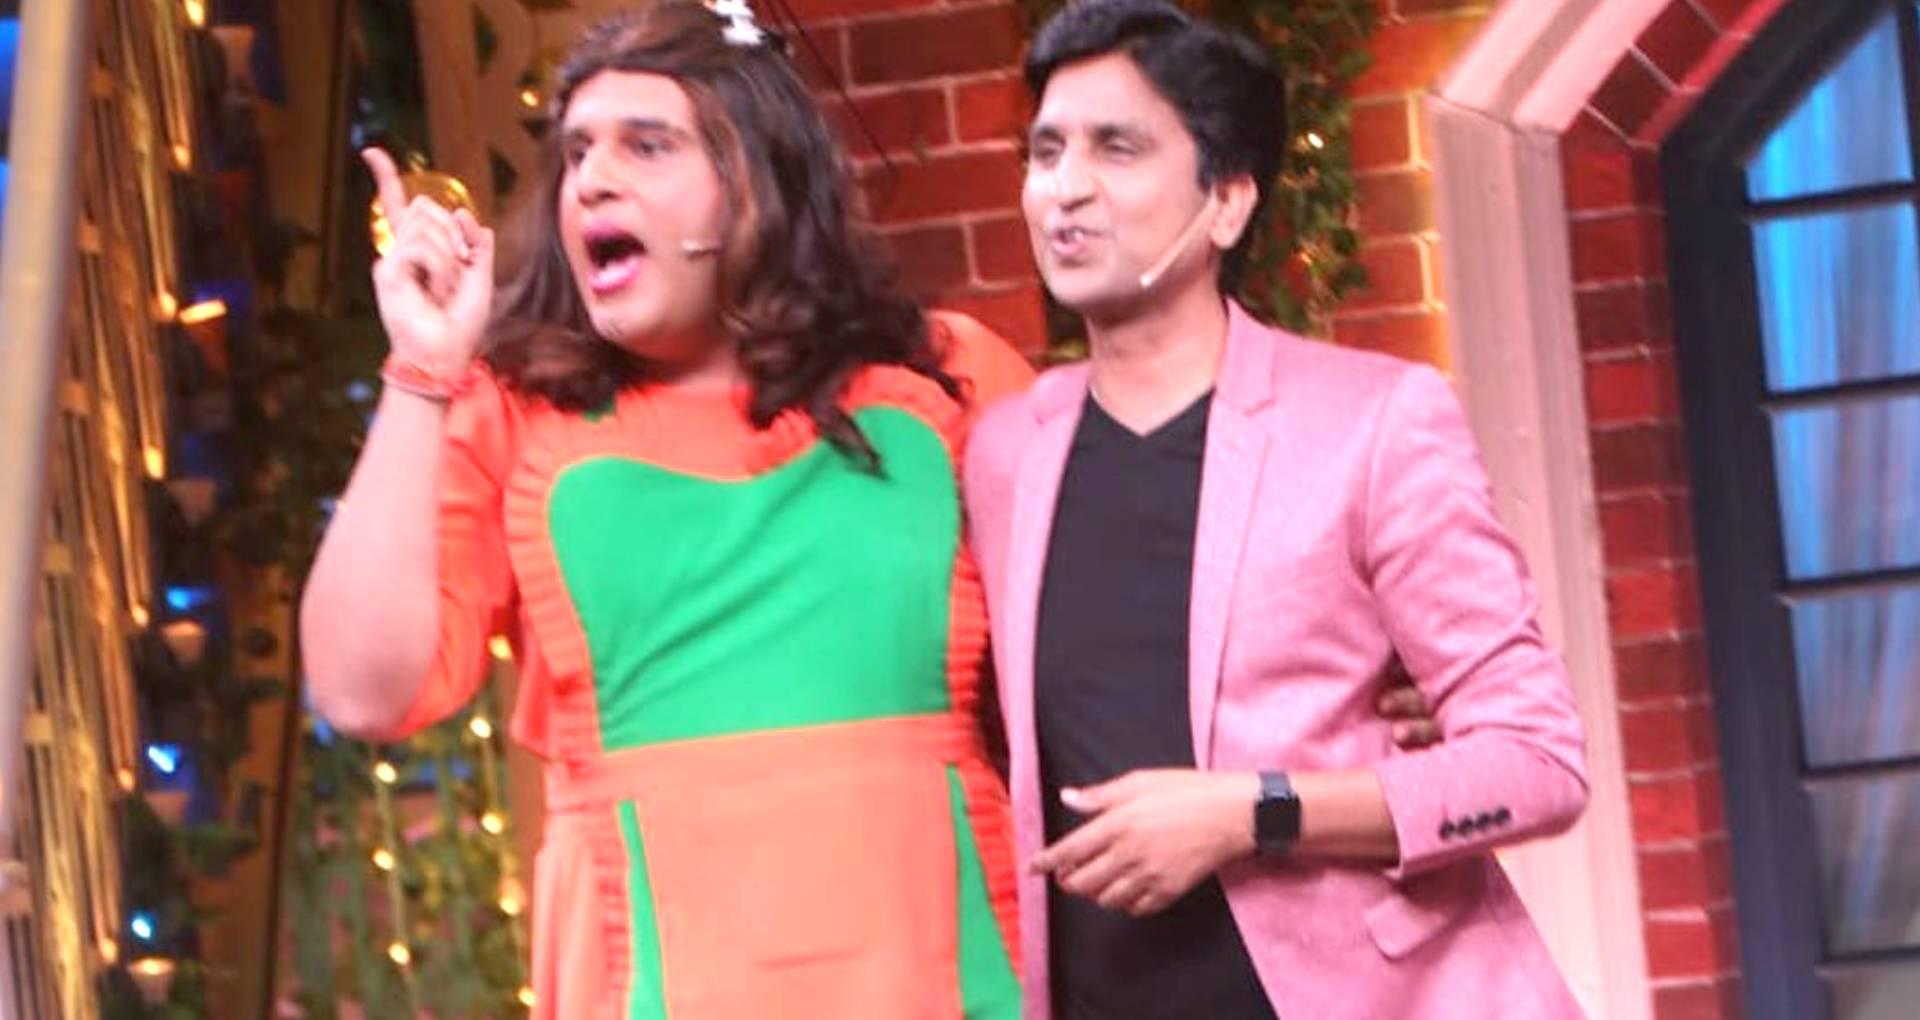 The Kapil Sharma Show: शो में इस हफ्ते होगा डबल धमाल, कॉमेडी में लगेगा कुमार विश्वास की कविताओं का तड़का